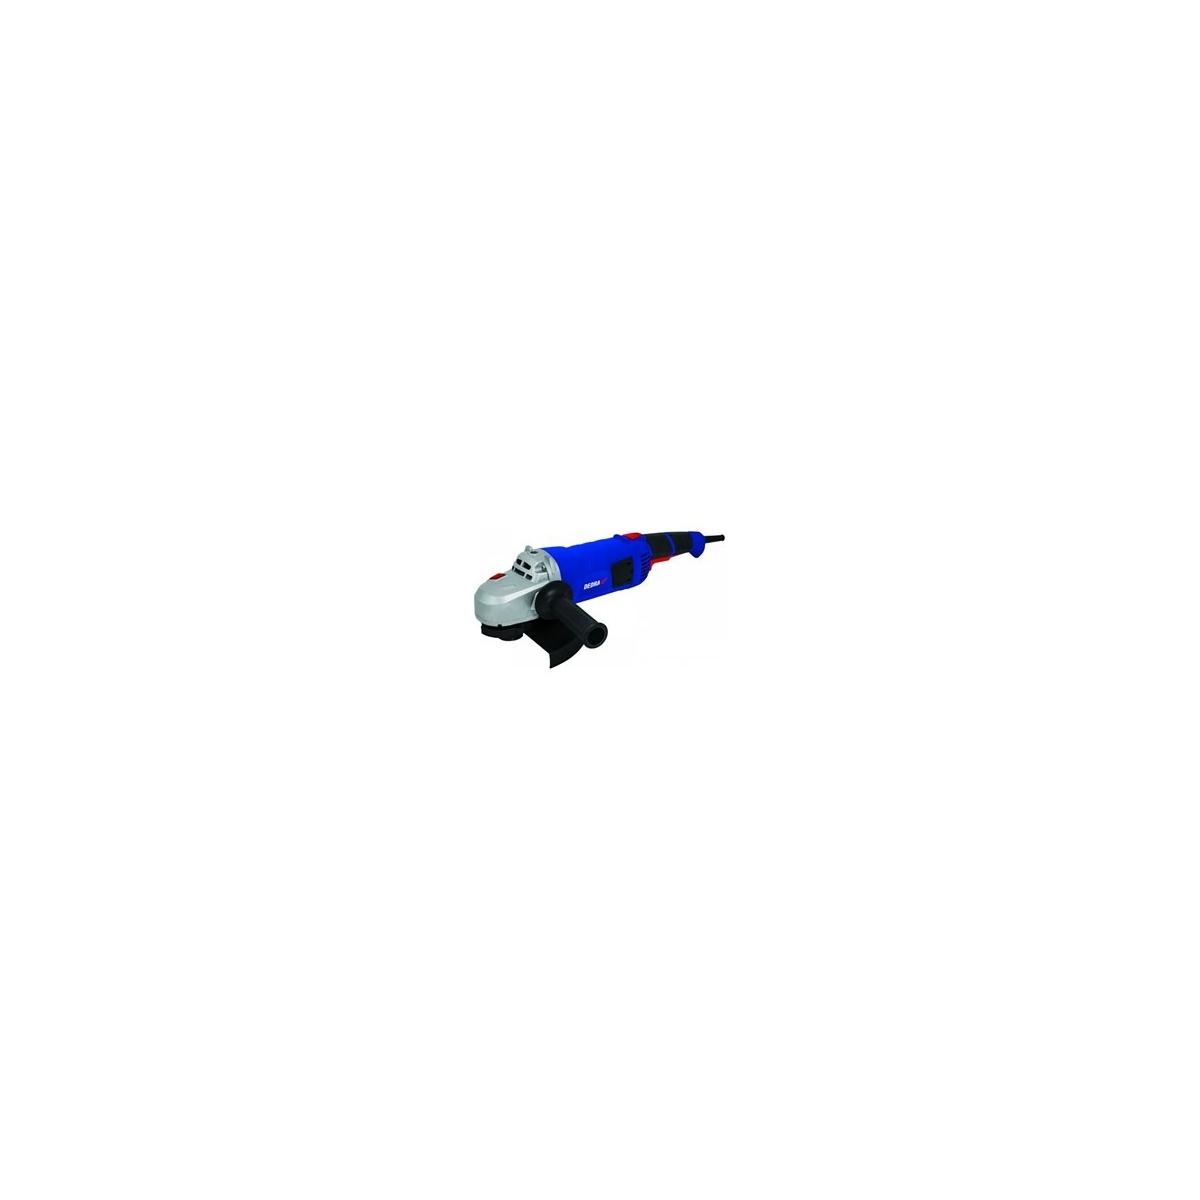 Szlifierka kątowa DEDRA - DED7952 Szlifierka kątowa DEDRA - DED7952